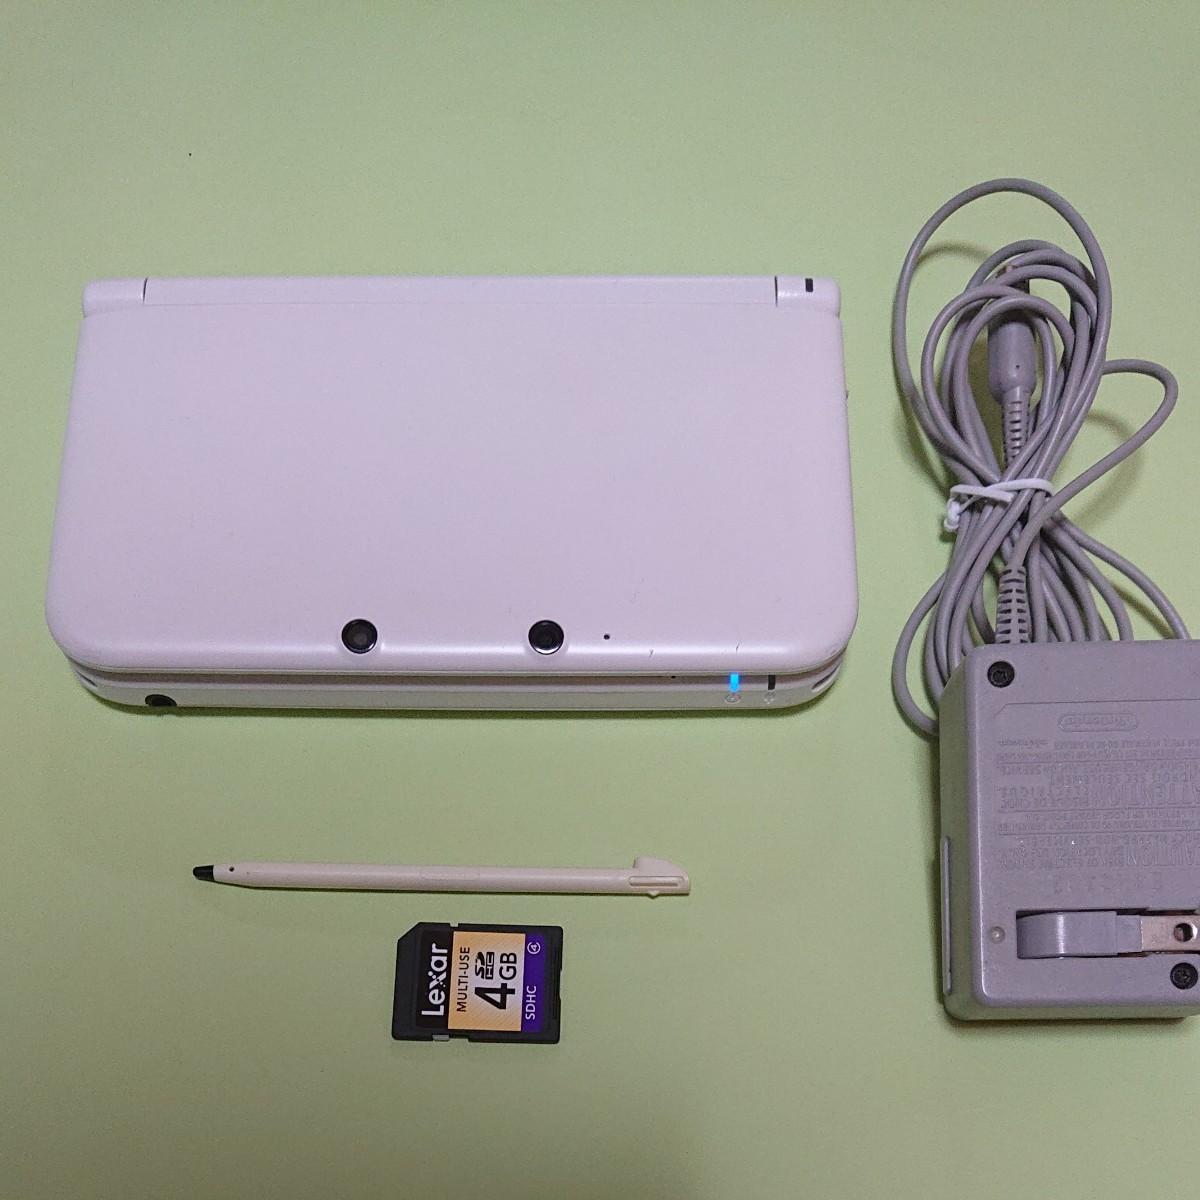 ニンテンドー3DS LL    Nintendo 3DS LL    3DSLL 本体    3dsll     3DS